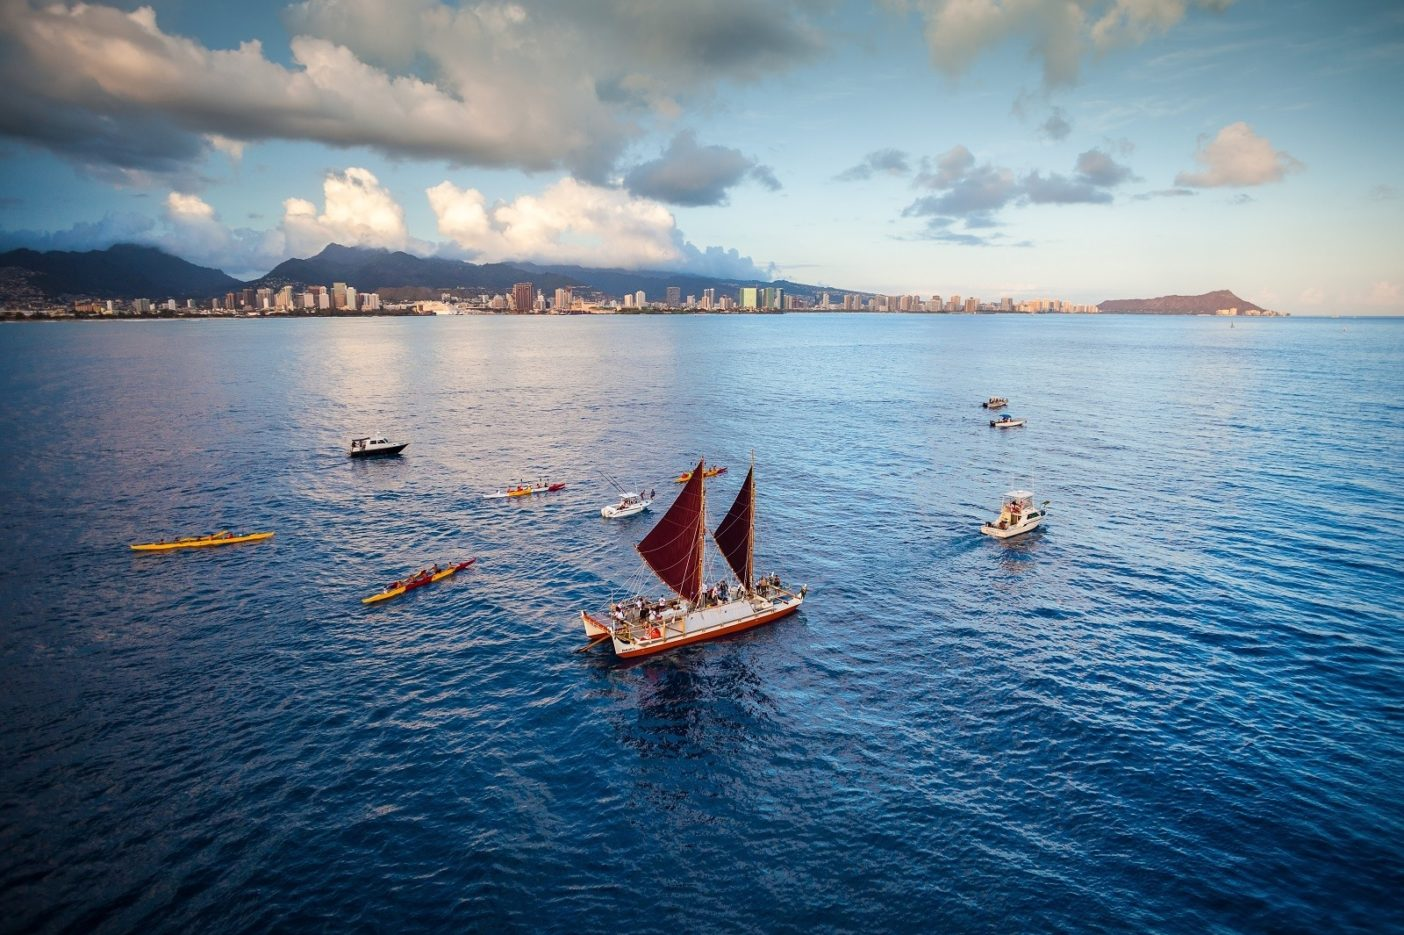 世界航海を前にハワイでの最終港となるヒロへ向かってホノルルを発つホクレア号。Photo: John Bilderback